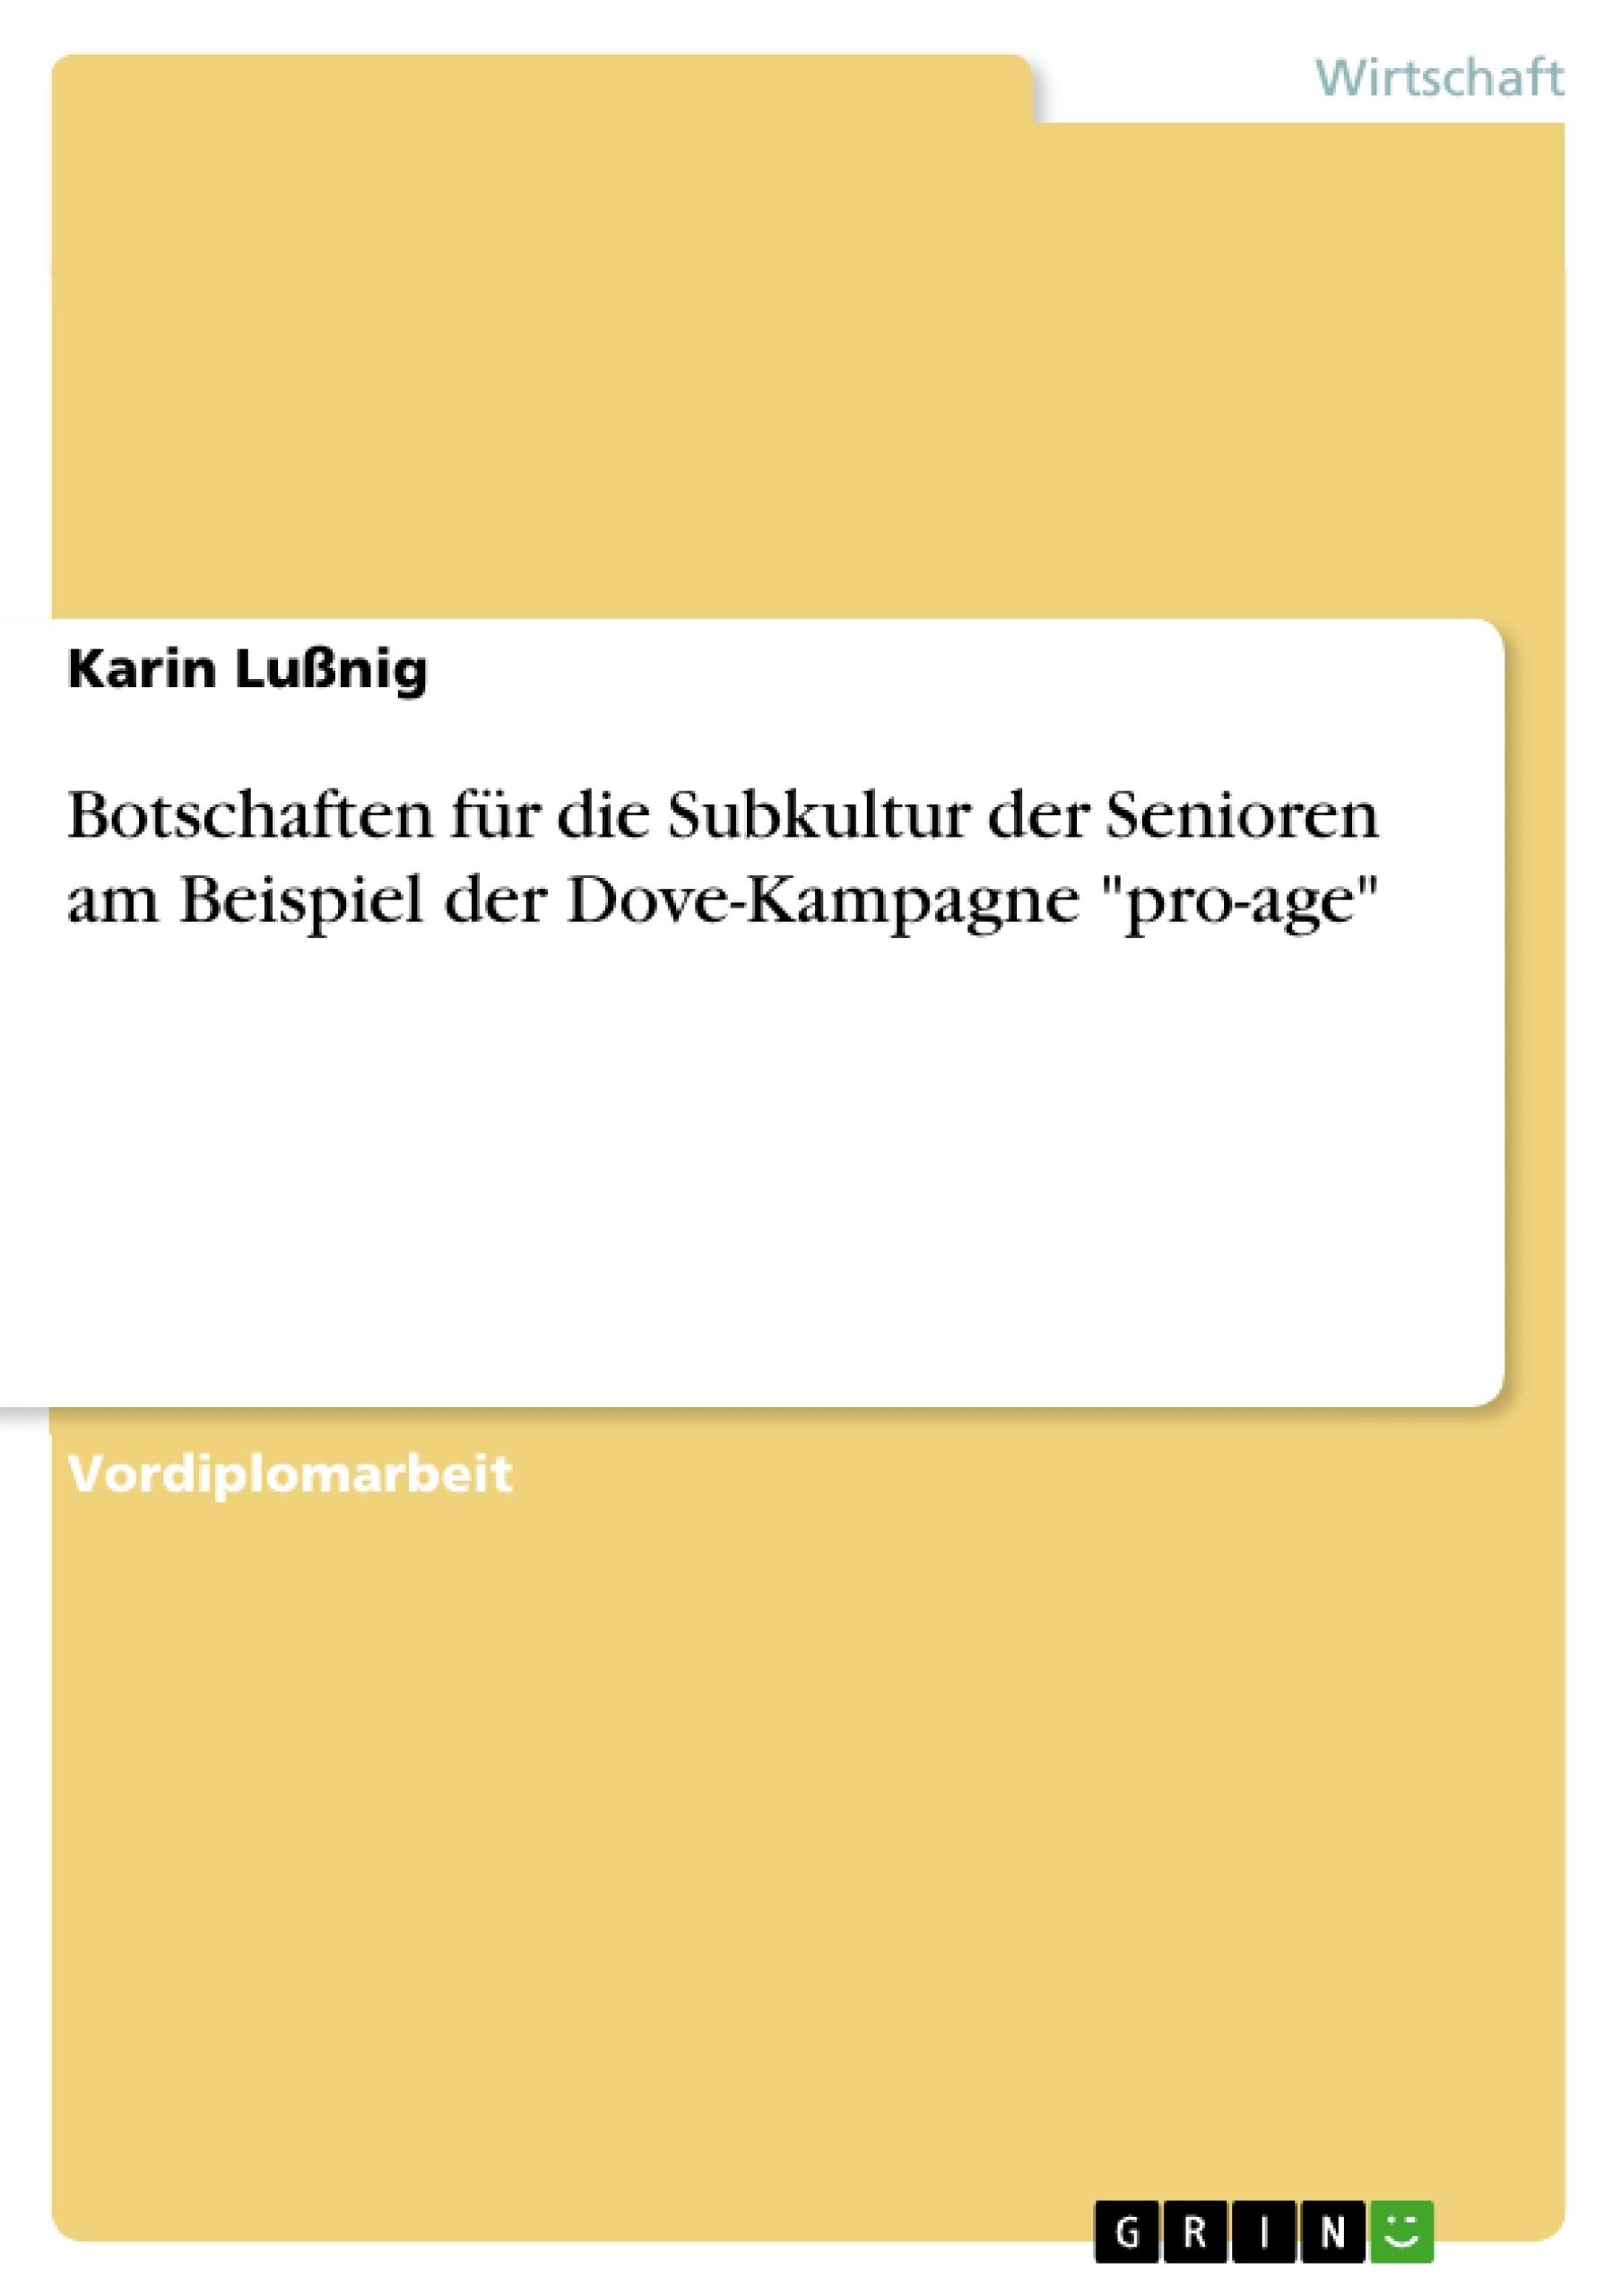 """Titel: Botschaften für die Subkultur der Senioren am Beispiel der Dove-Kampagne """"pro-age"""""""